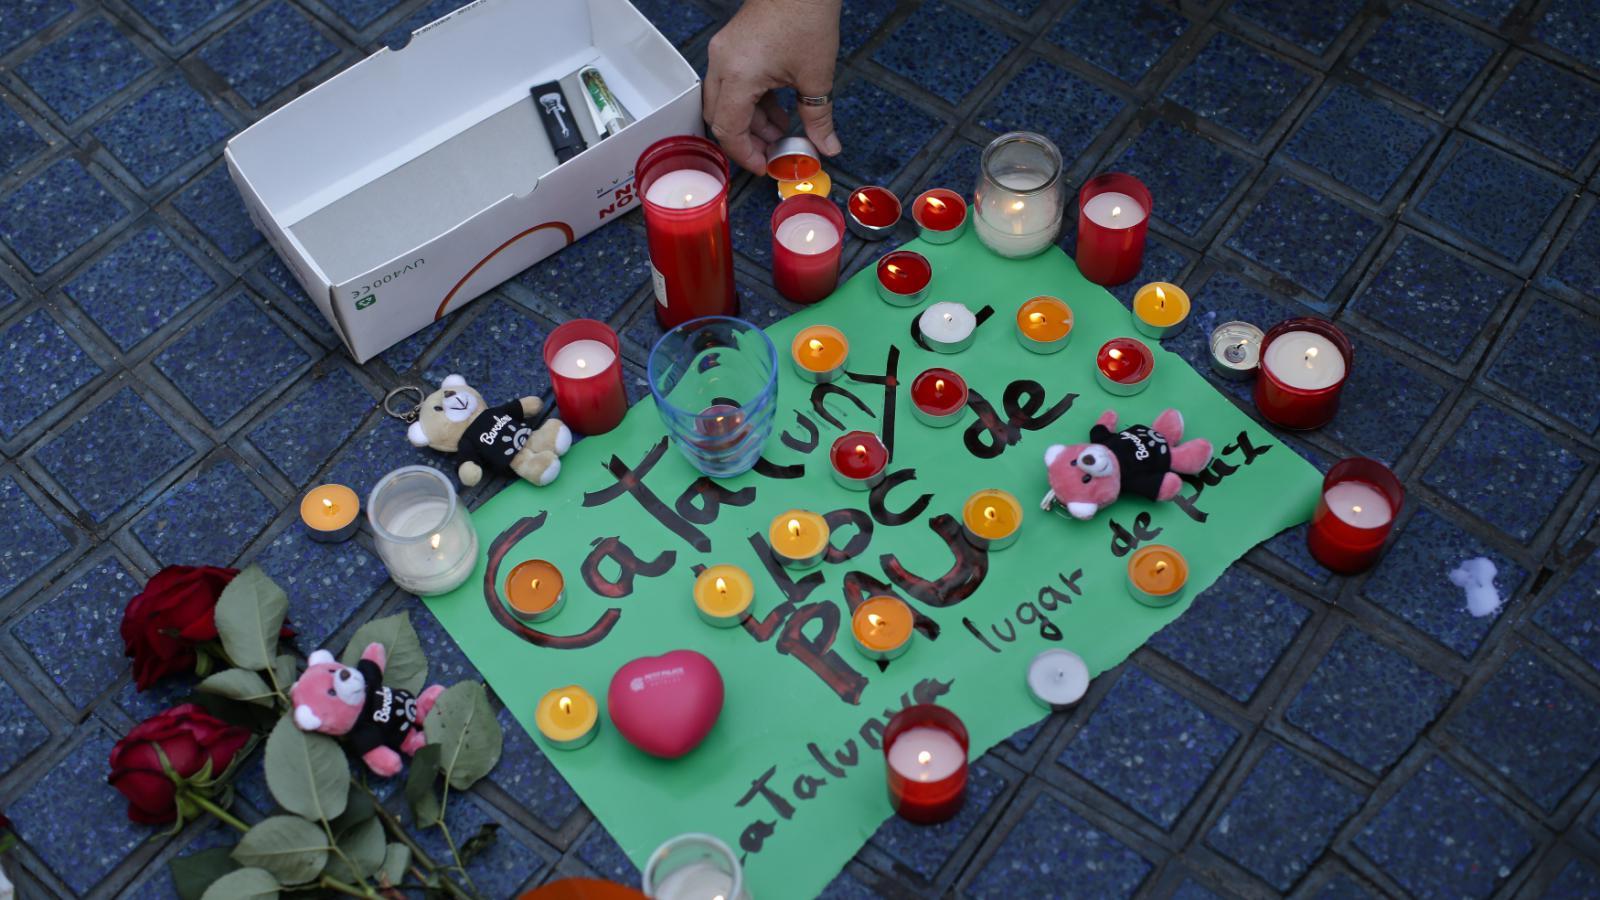 Pietní místo v Barceloně, kde udeřili teroristé